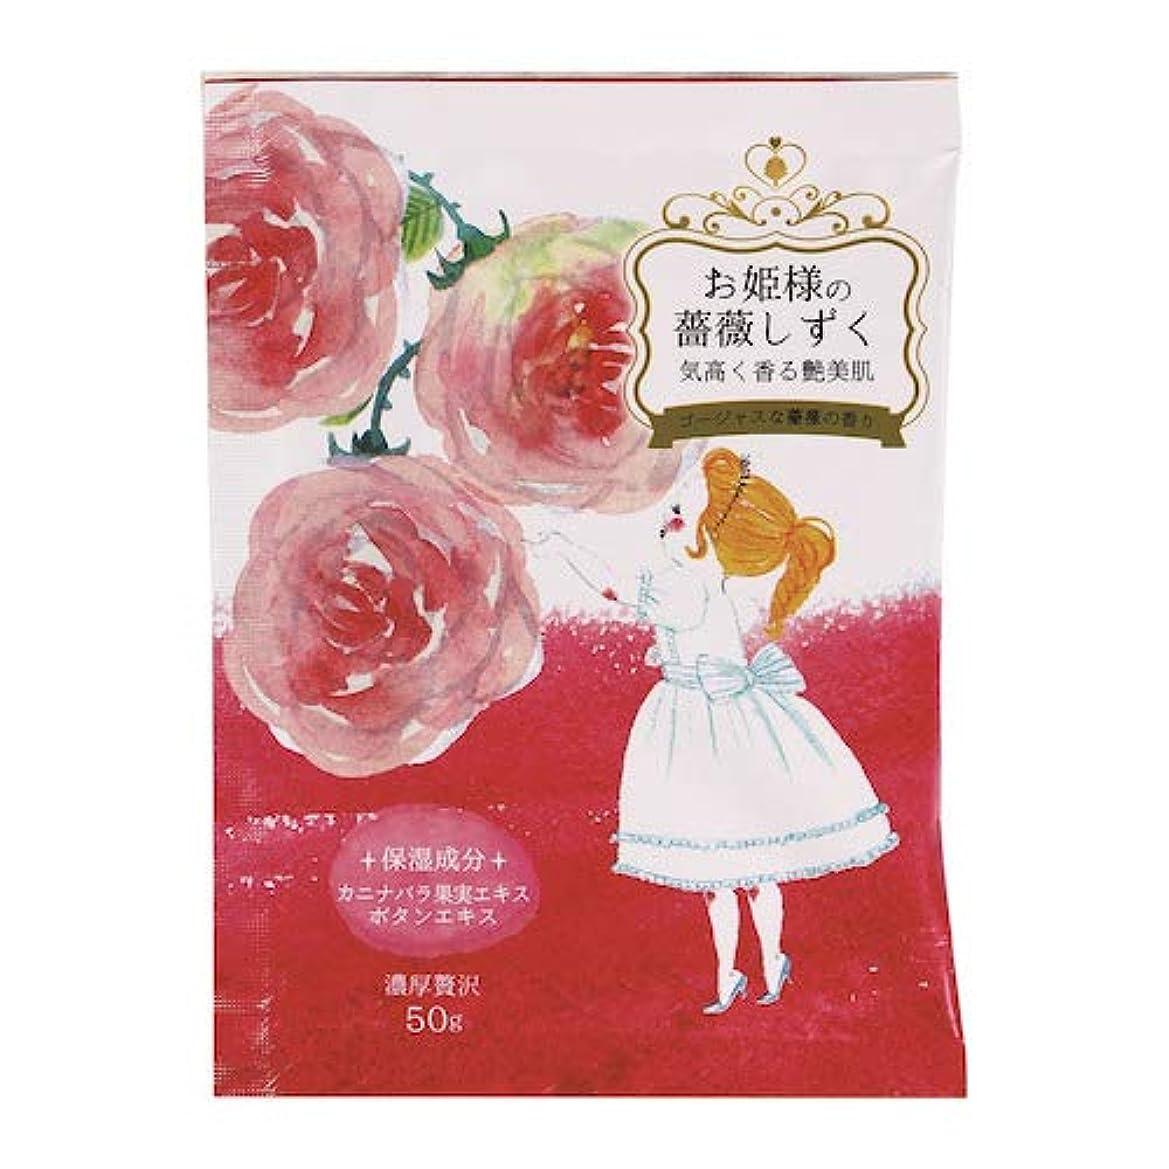 ペニーやけど猫背紀陽除虫菊 お姫様の薔薇しずく 50g